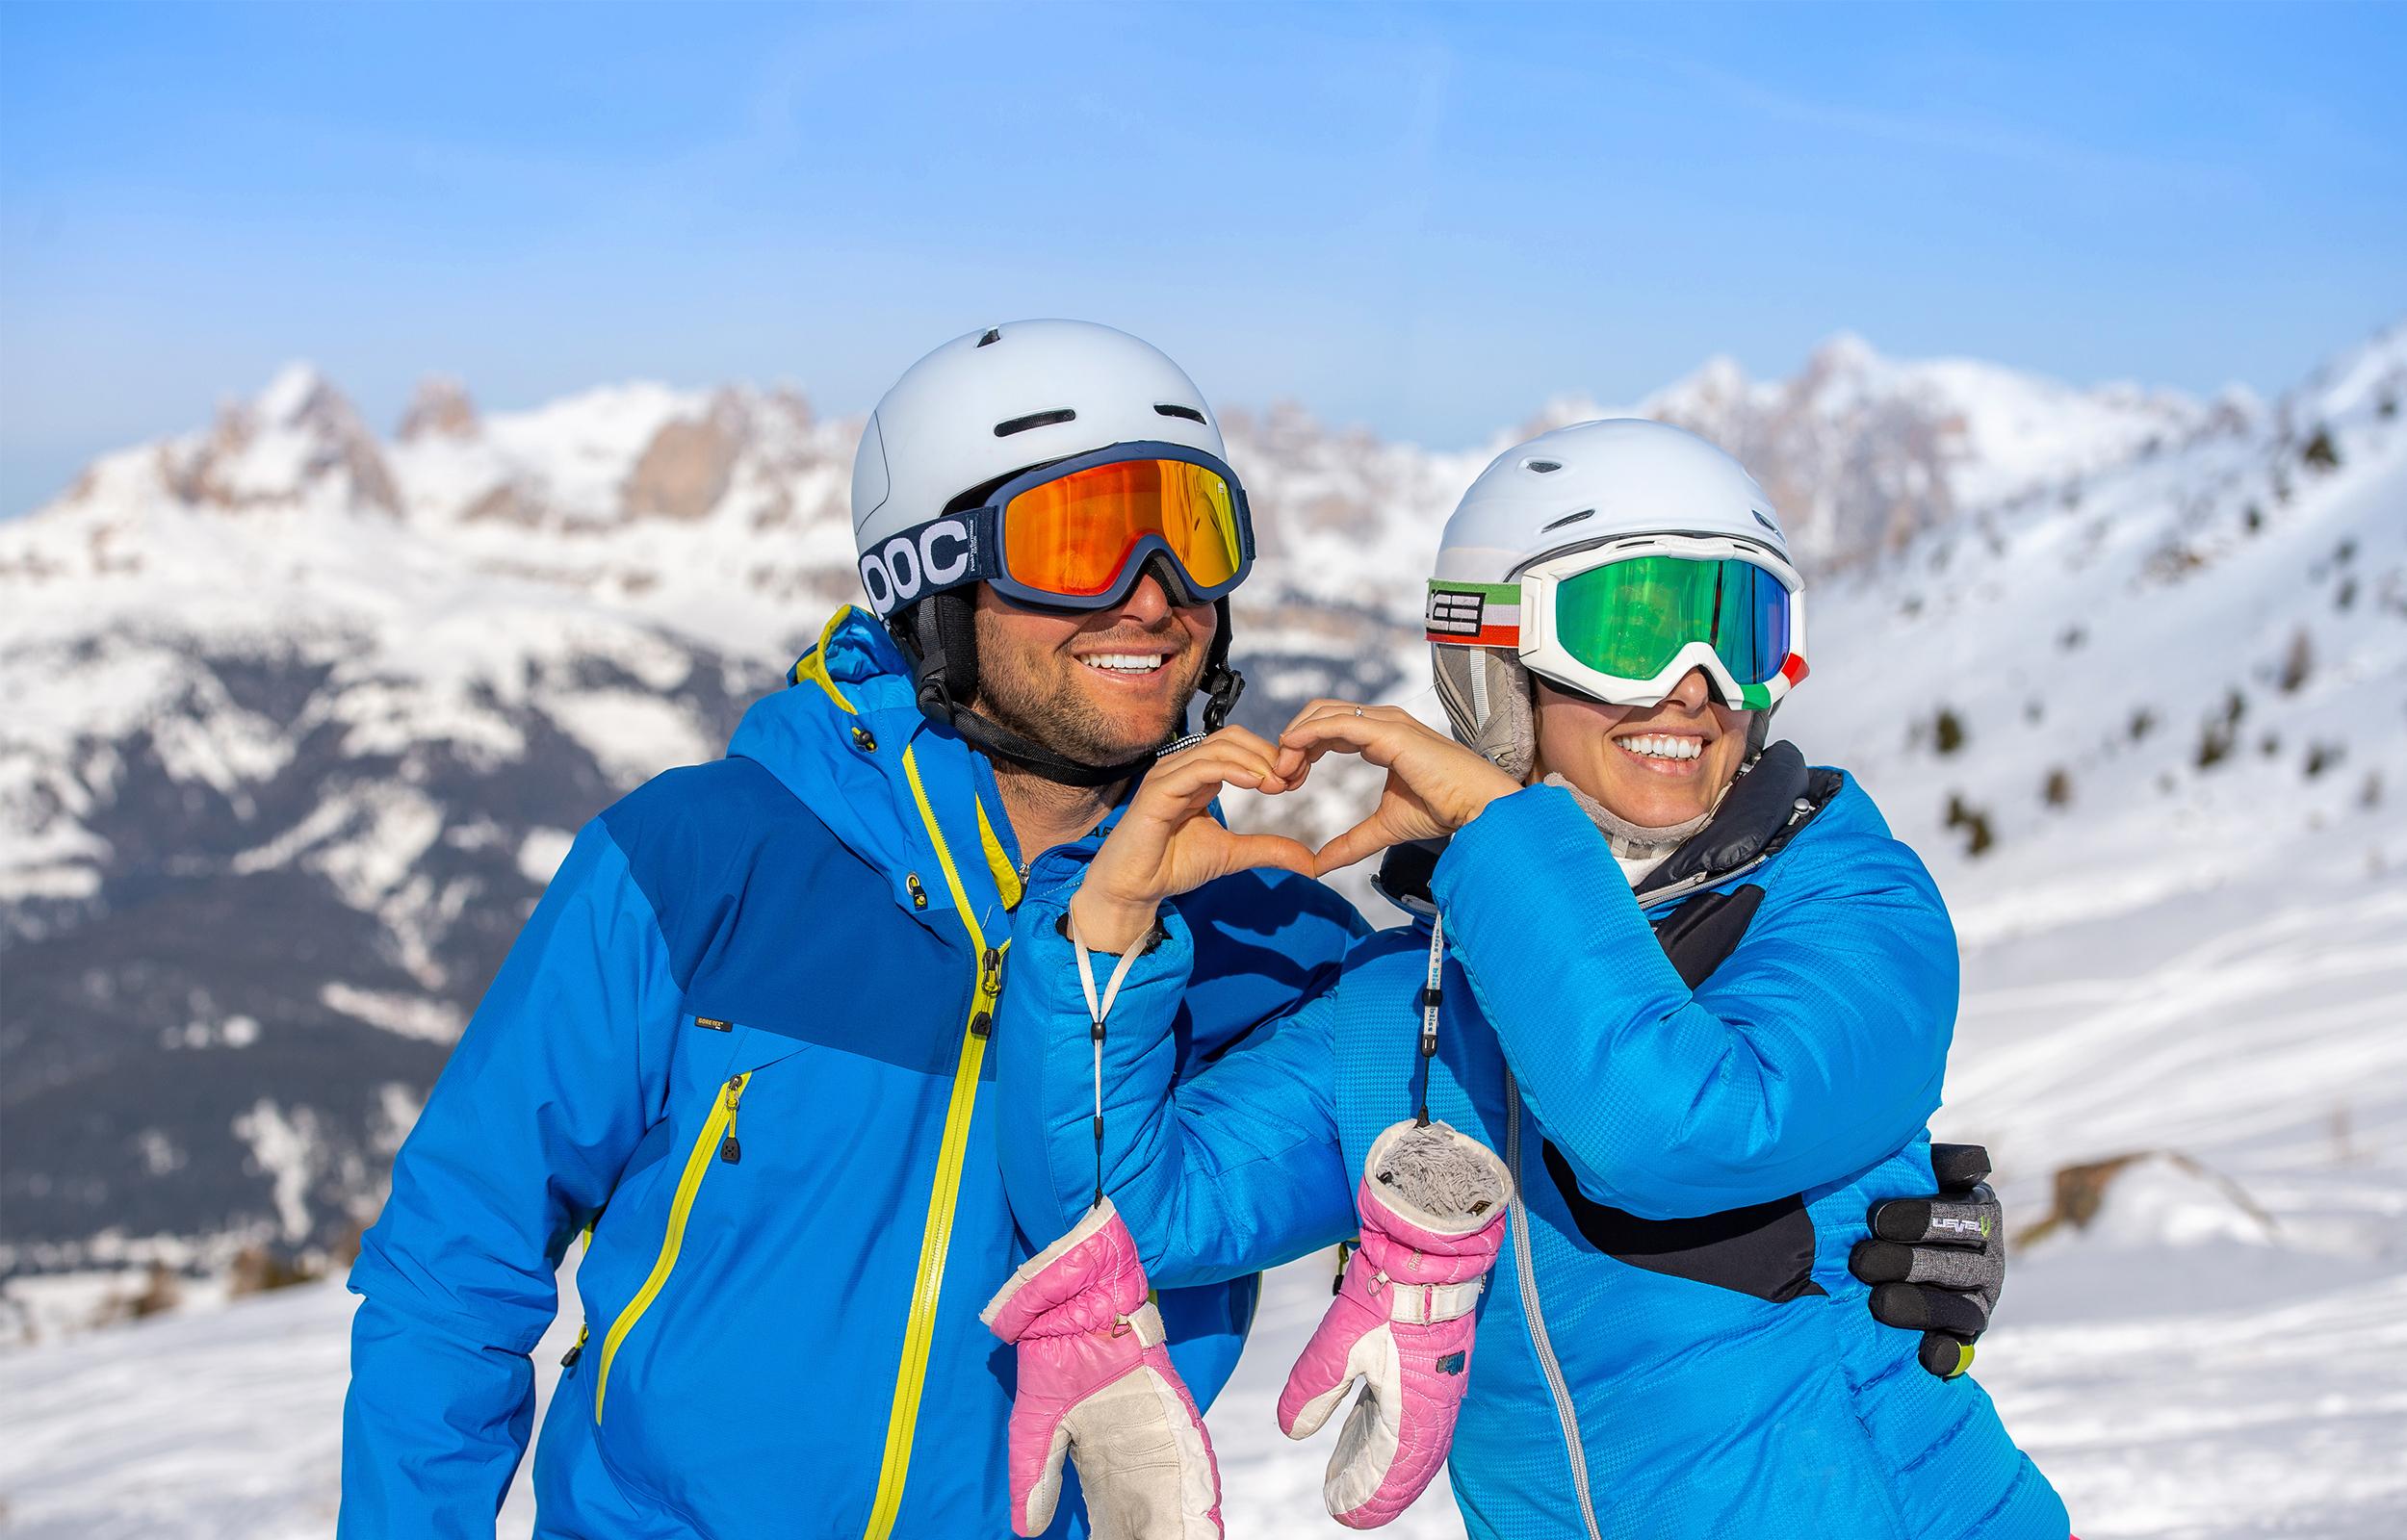 uomo e donna che sciano in val di fassa presso alpe di lusia